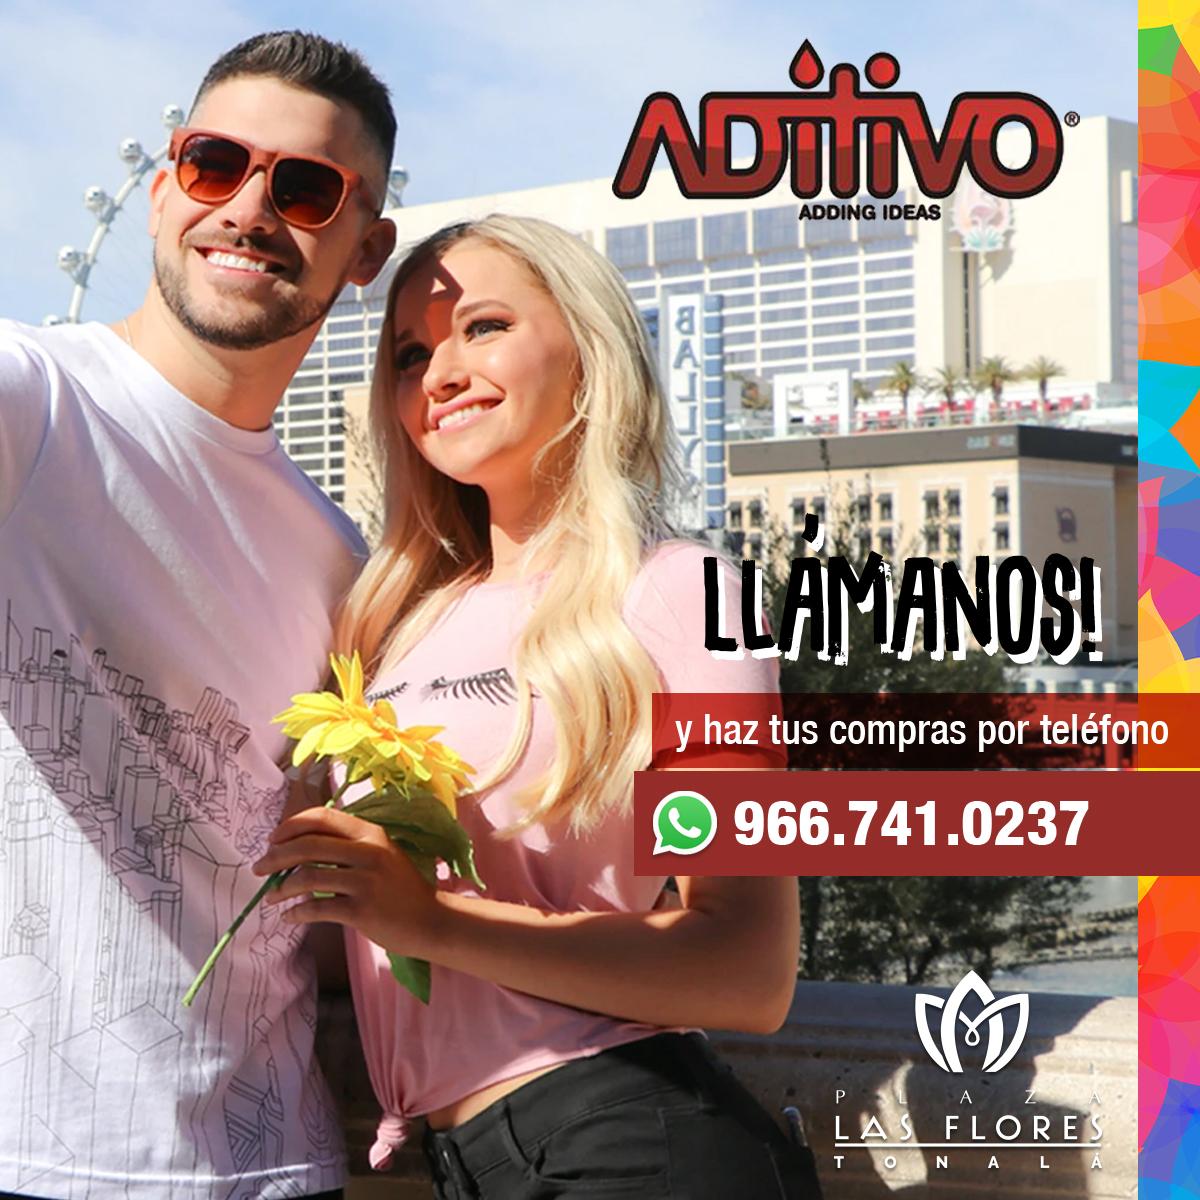 LasFlores-Telefonos-Aditivo copy